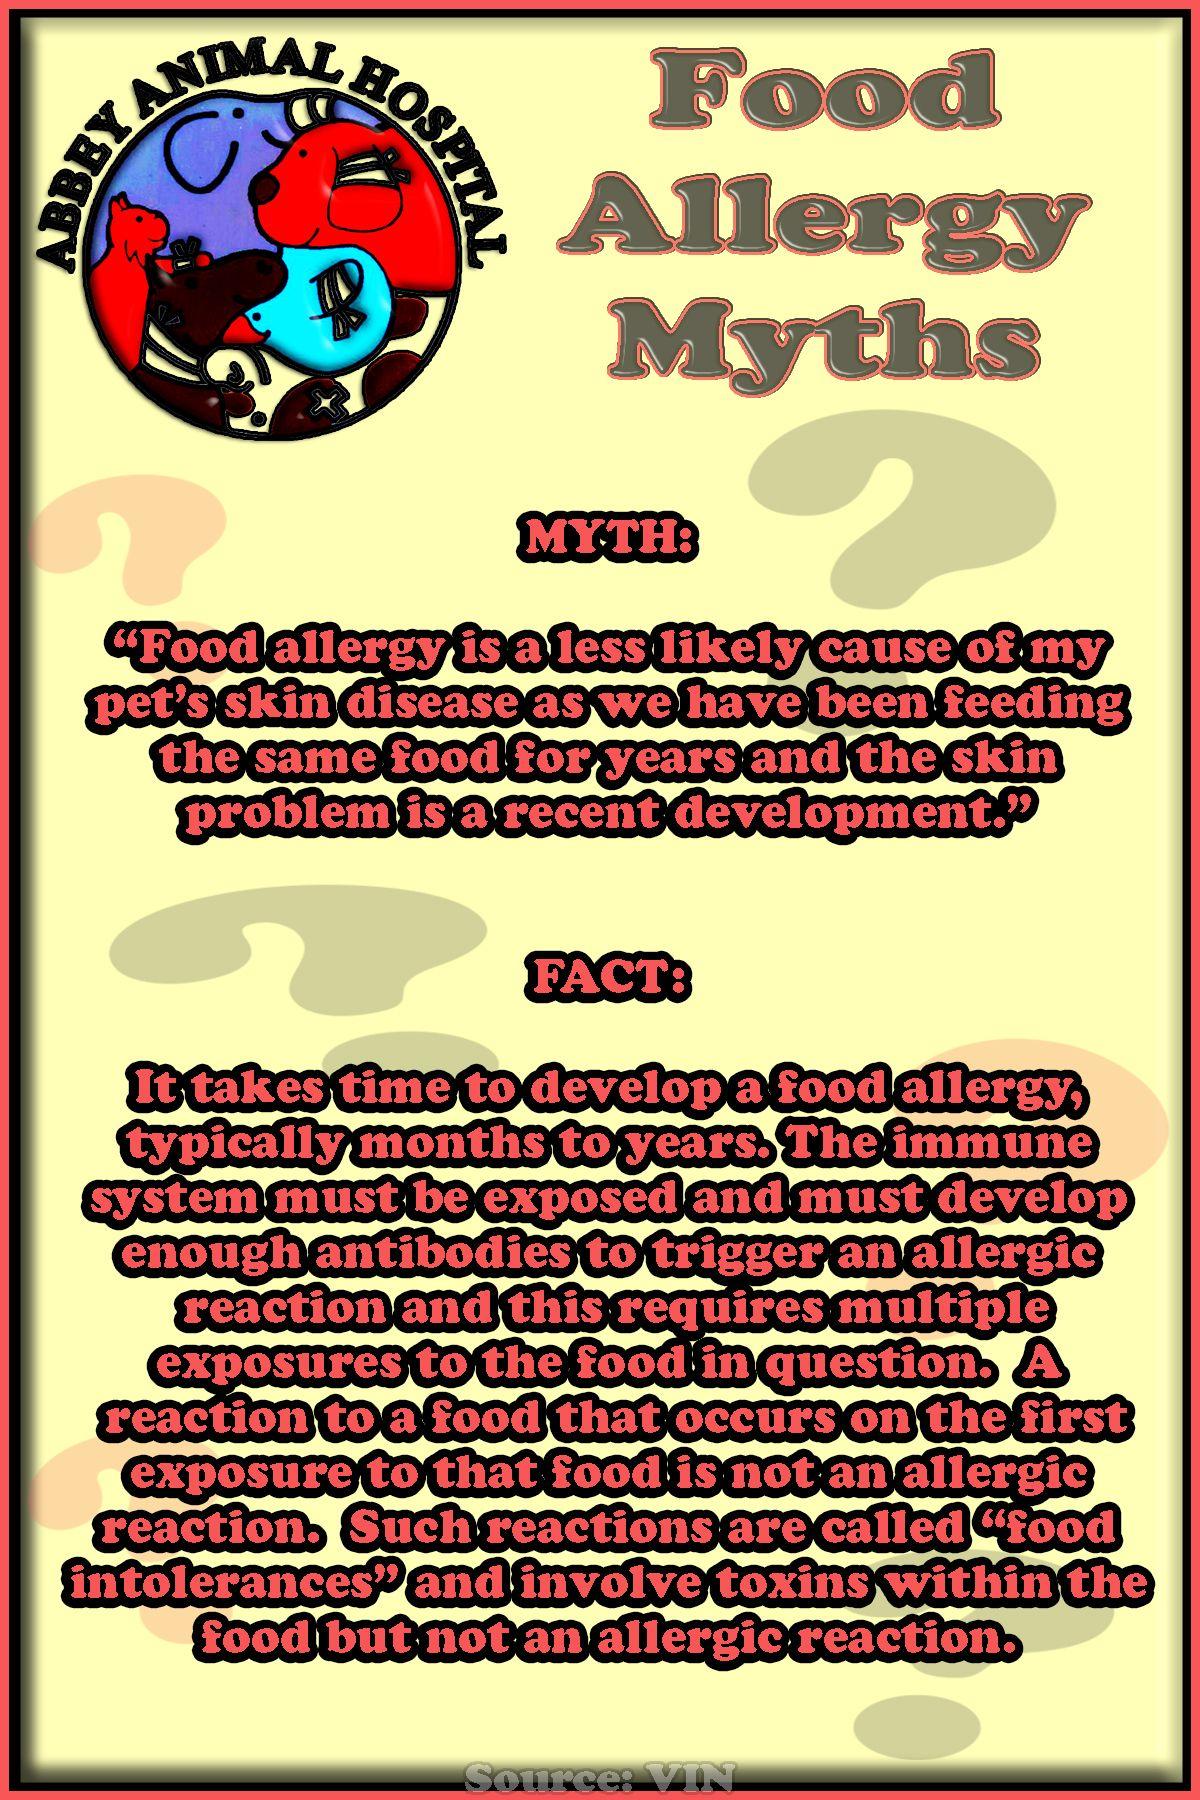 Food Allergy Myths